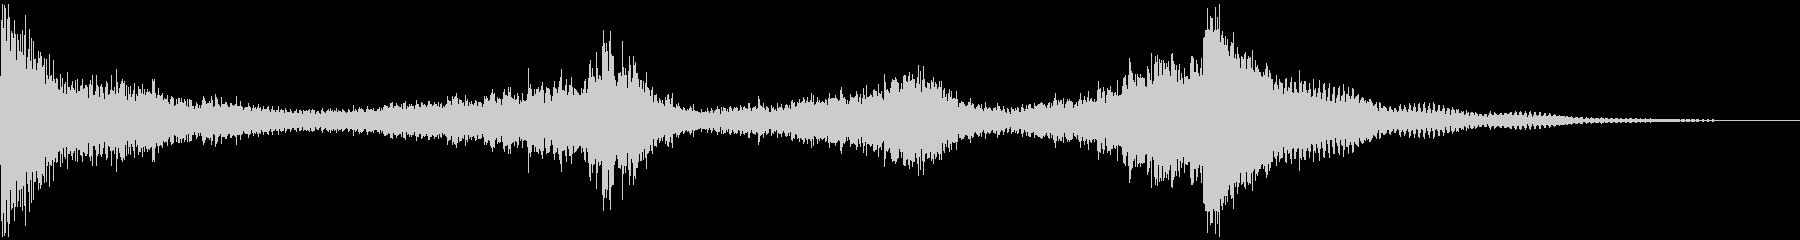 ドラムロールA(シンバルまで8秒)の未再生の波形